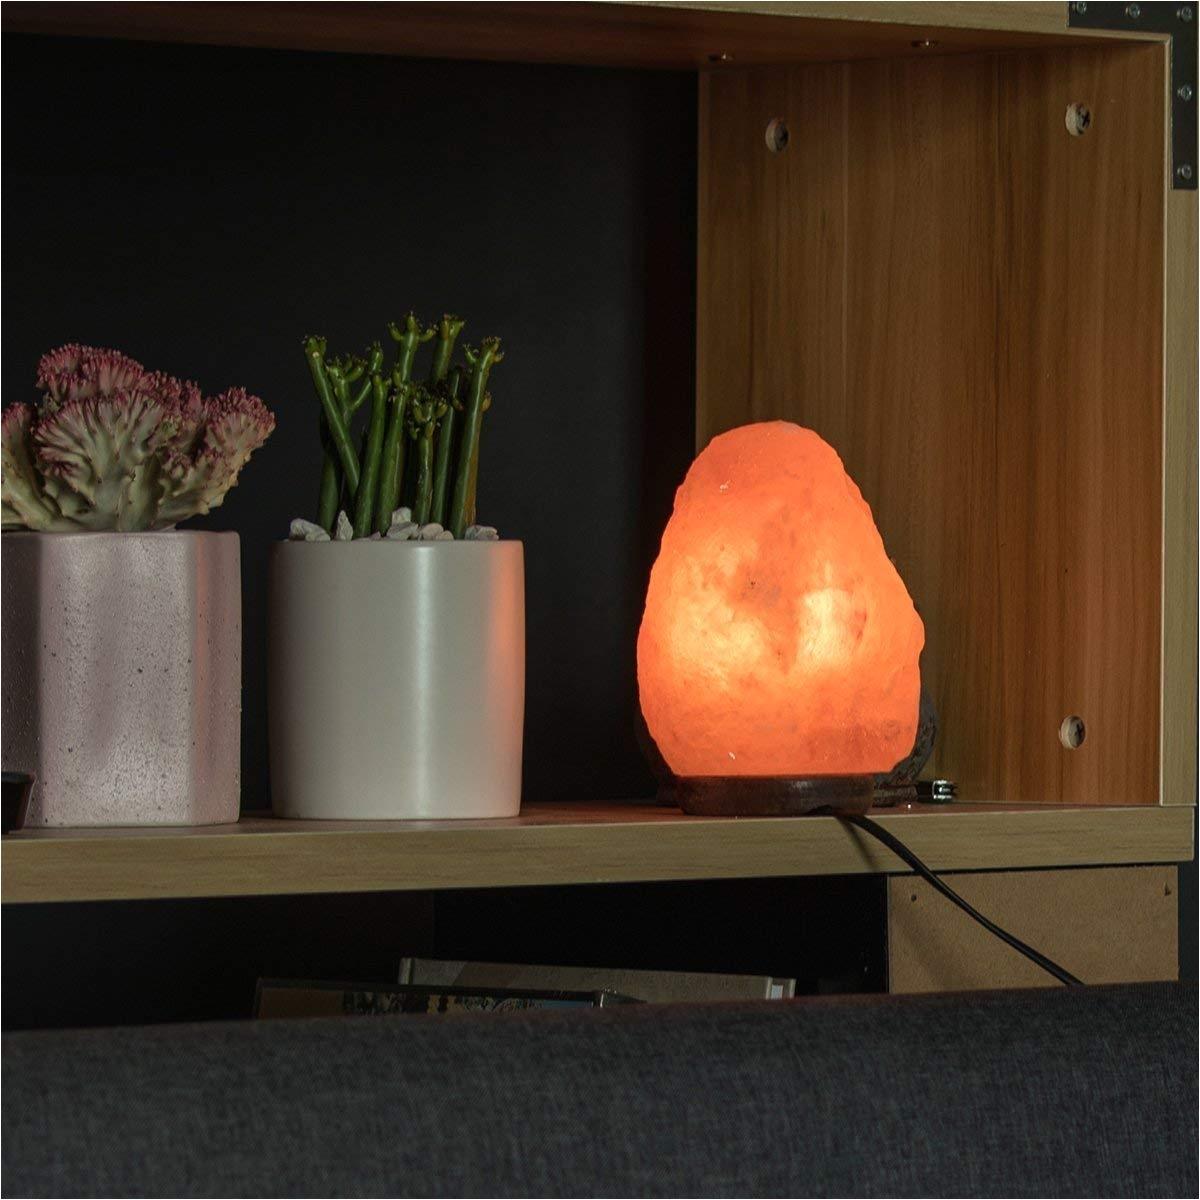 amazon com himalayan glow salt lamp salt lamp 3 5 pound 2 5 pound toys games